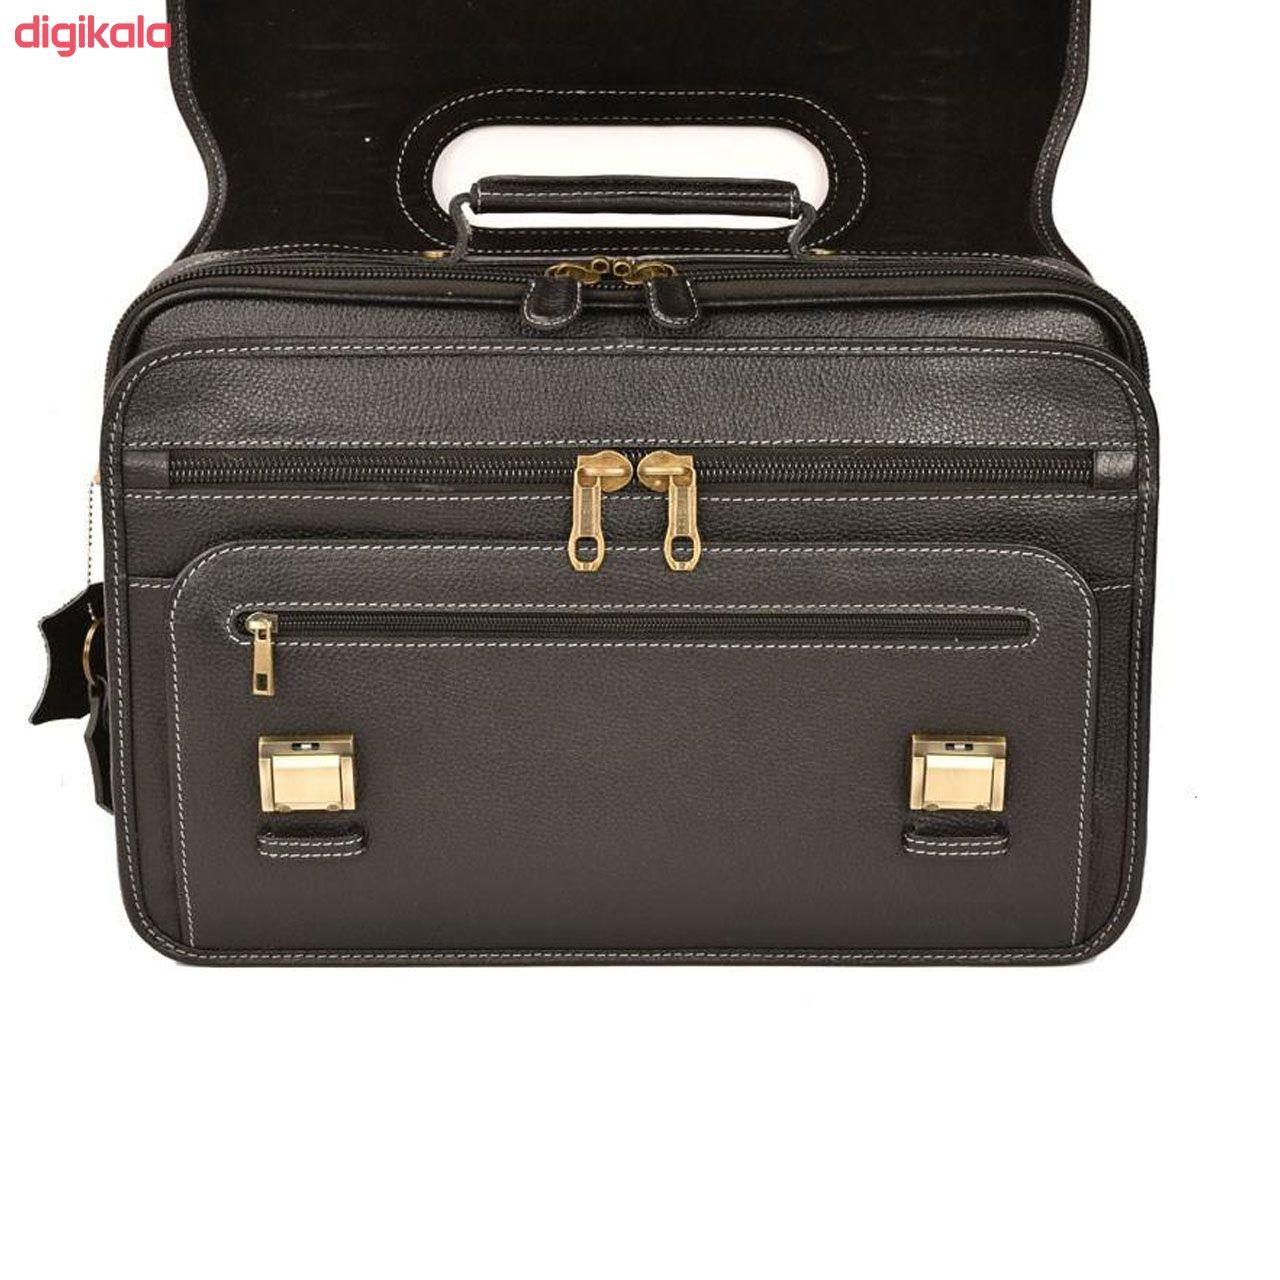 کیف اداری مردانه پارینه چرم مدل LT1 main 1 30